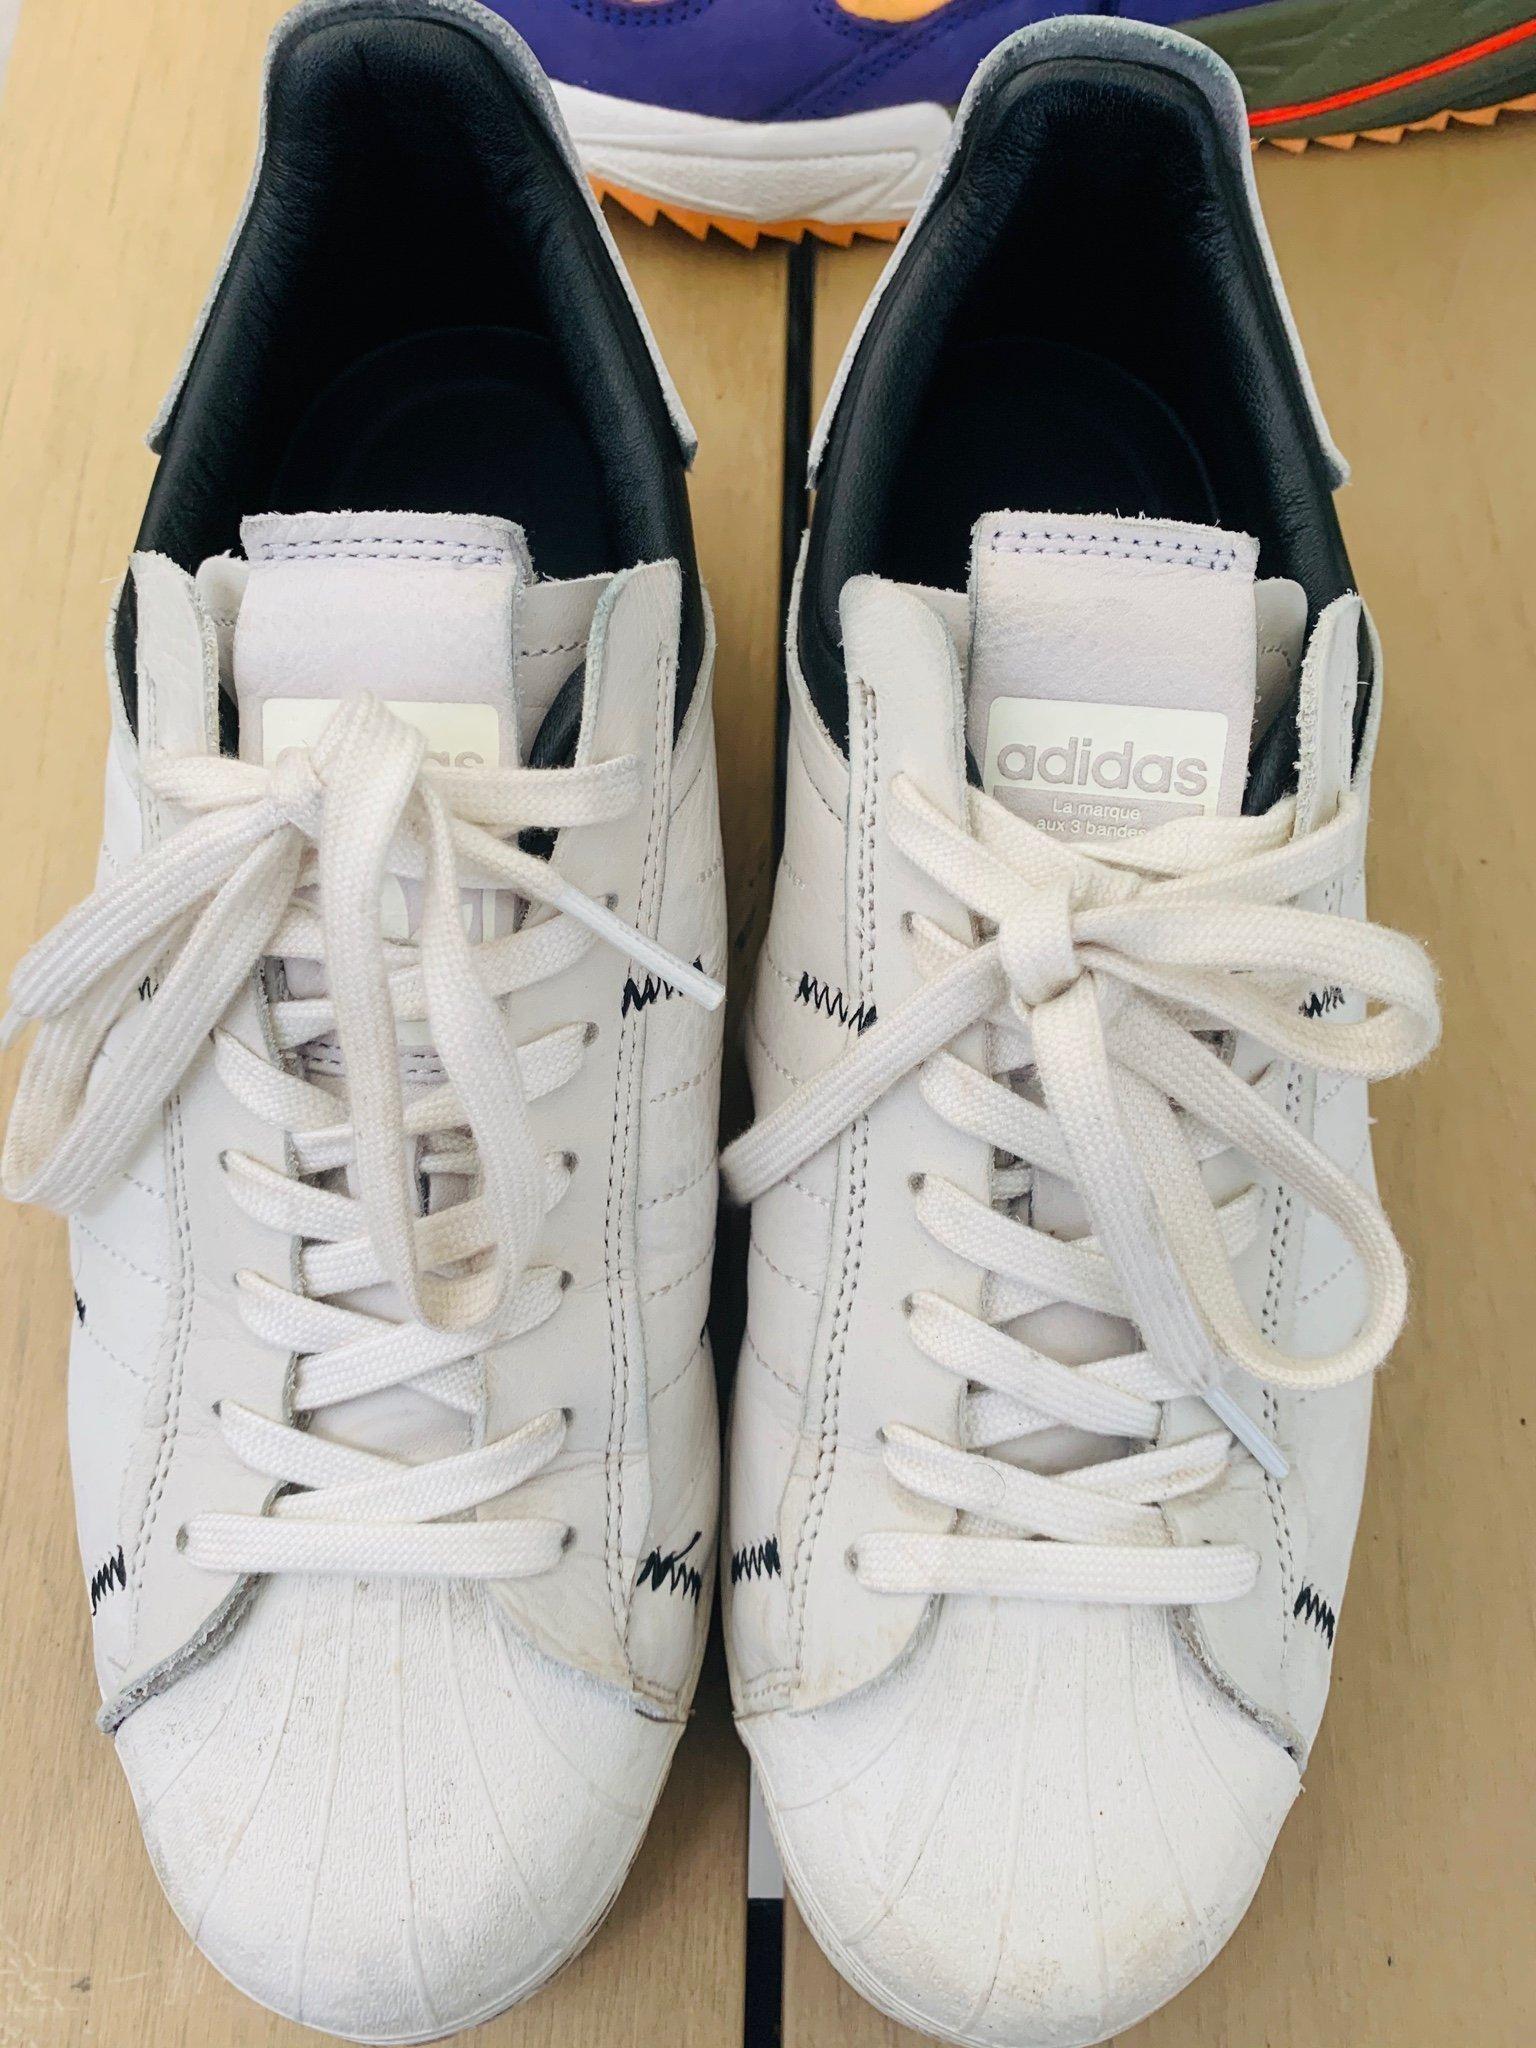 Adidas Stan Smith storlek 9 12